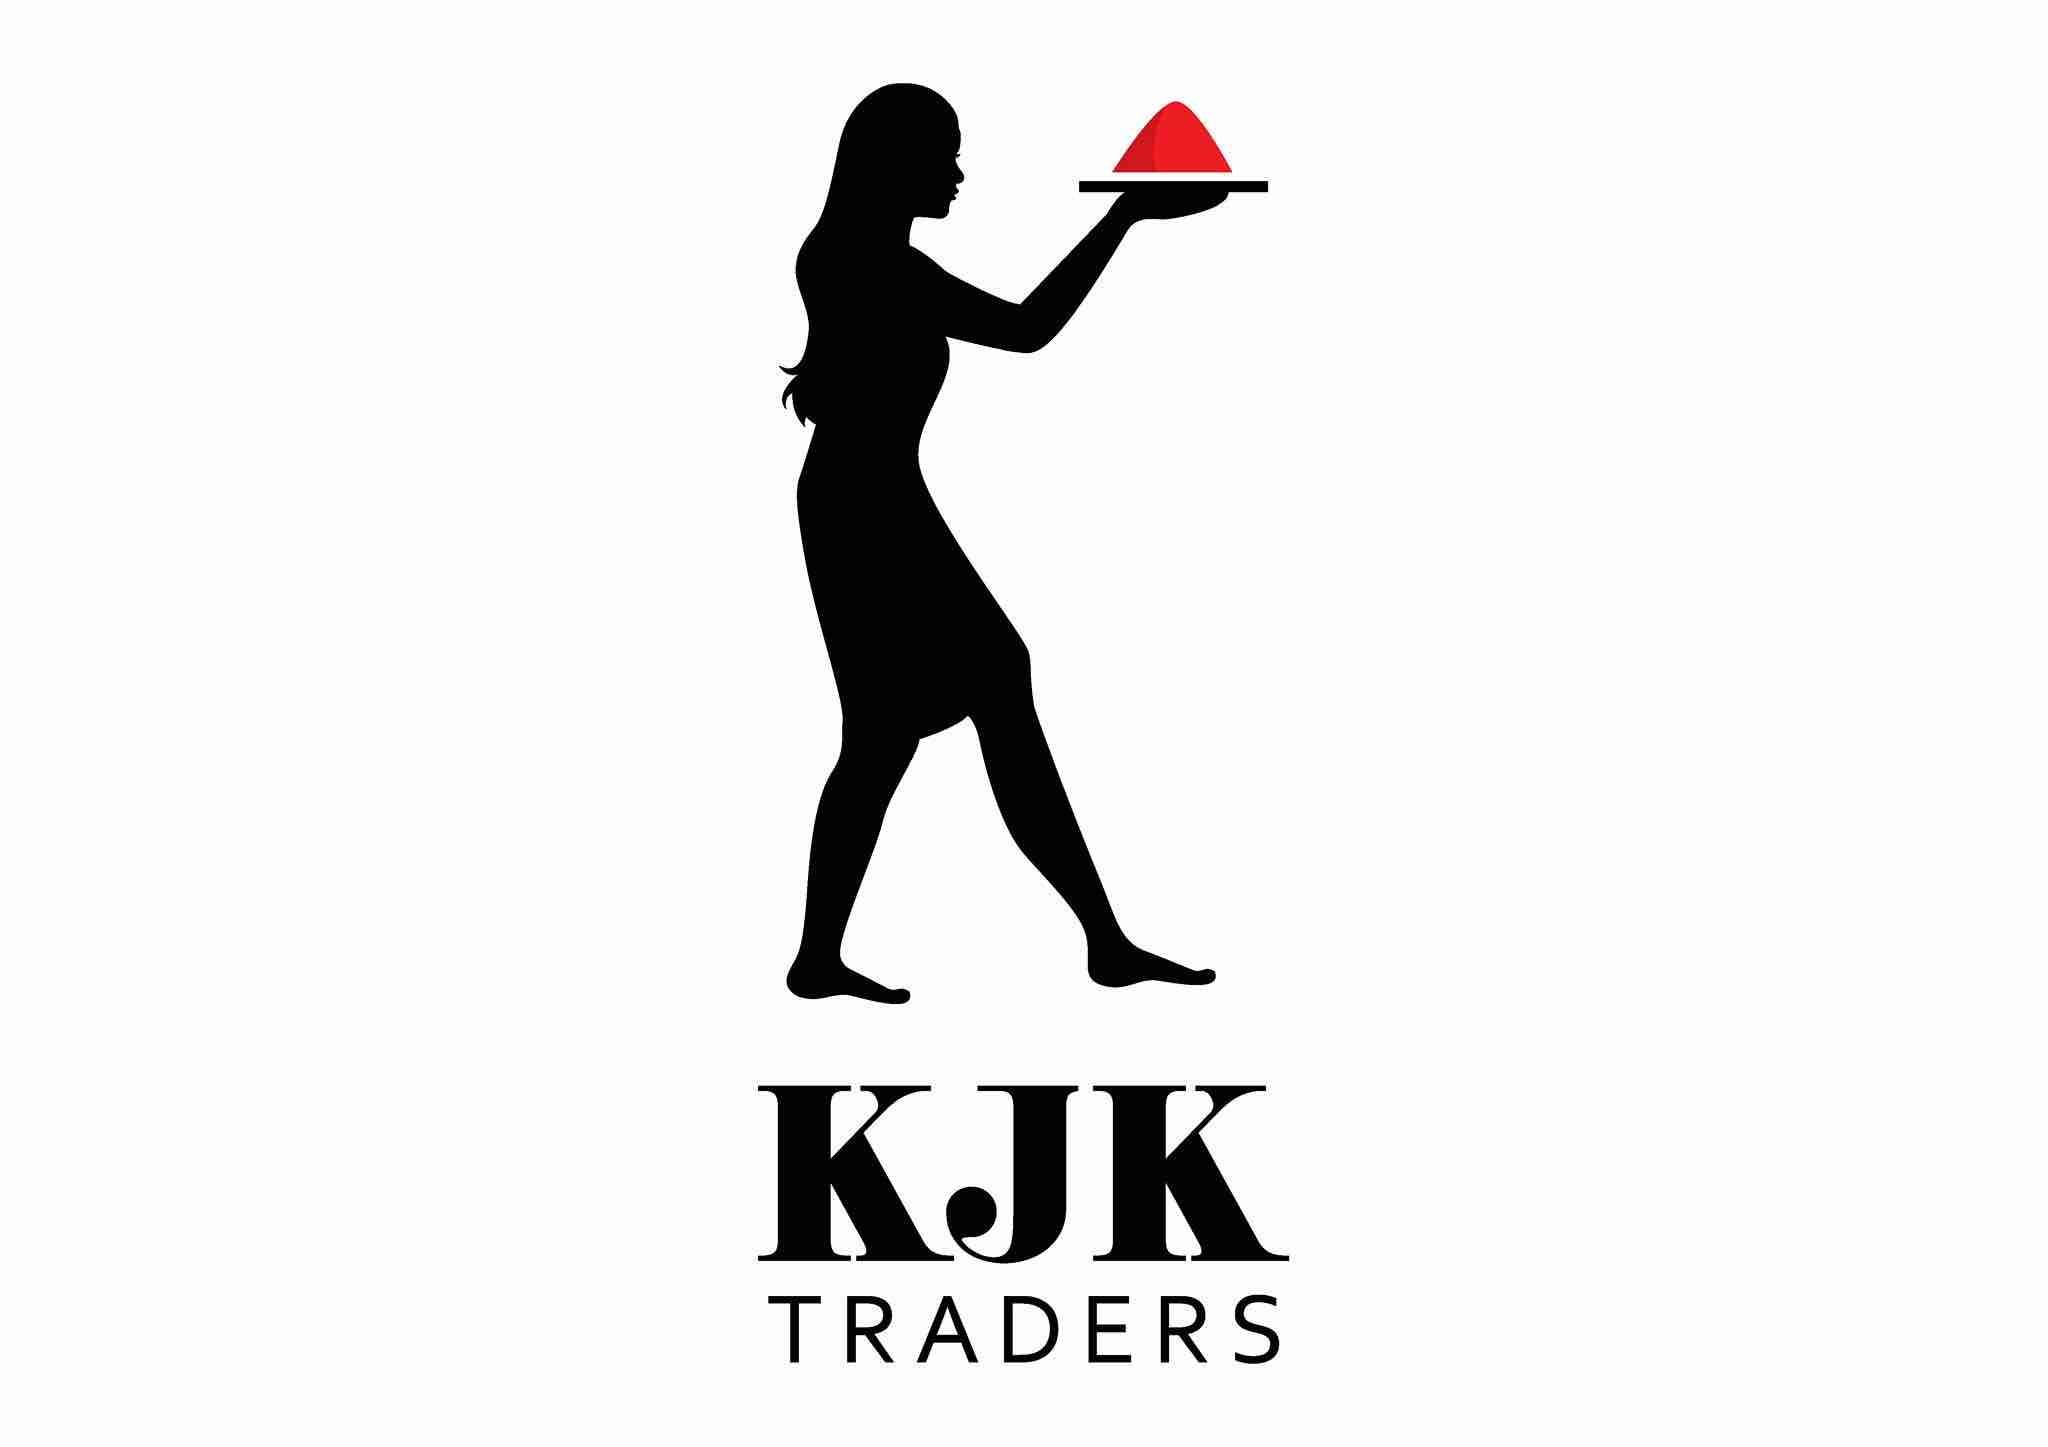 KJK Traders